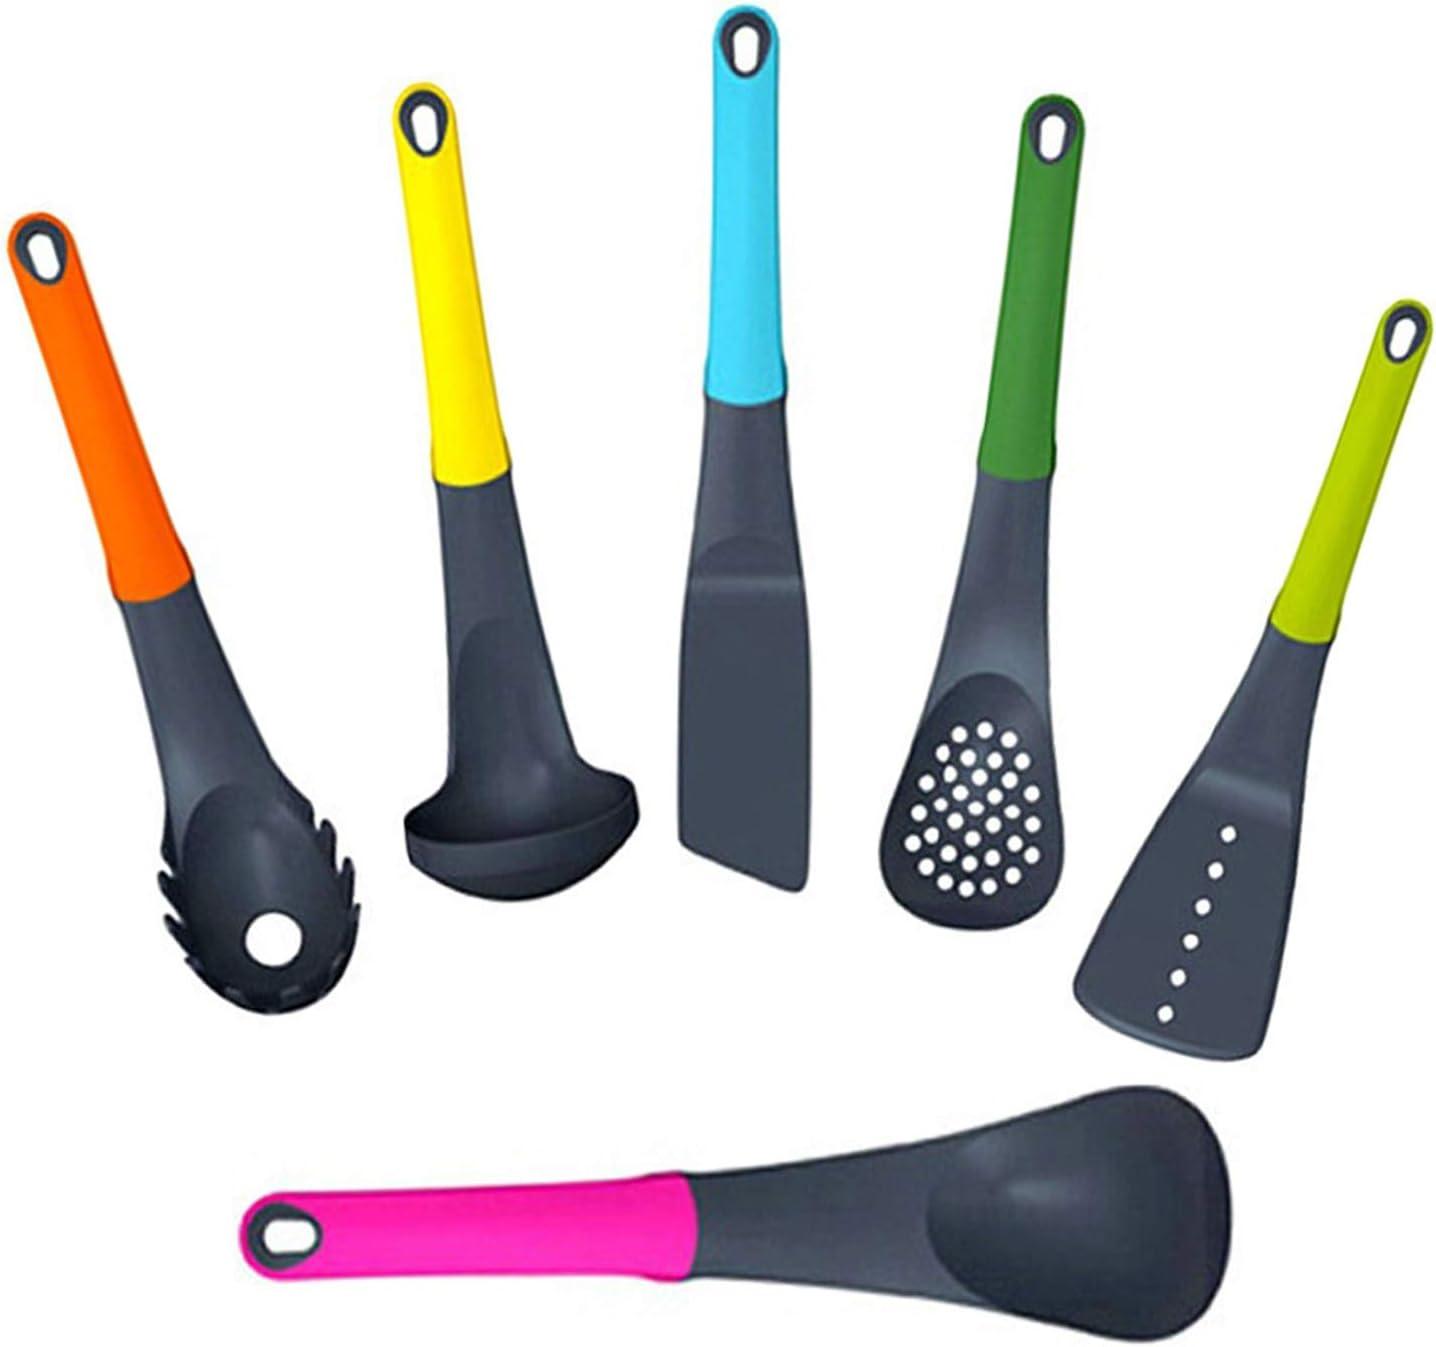 Kitchen Craft Tool Kit Cooking Utensils Tool Utensil Set Rotating Stand 7pcs